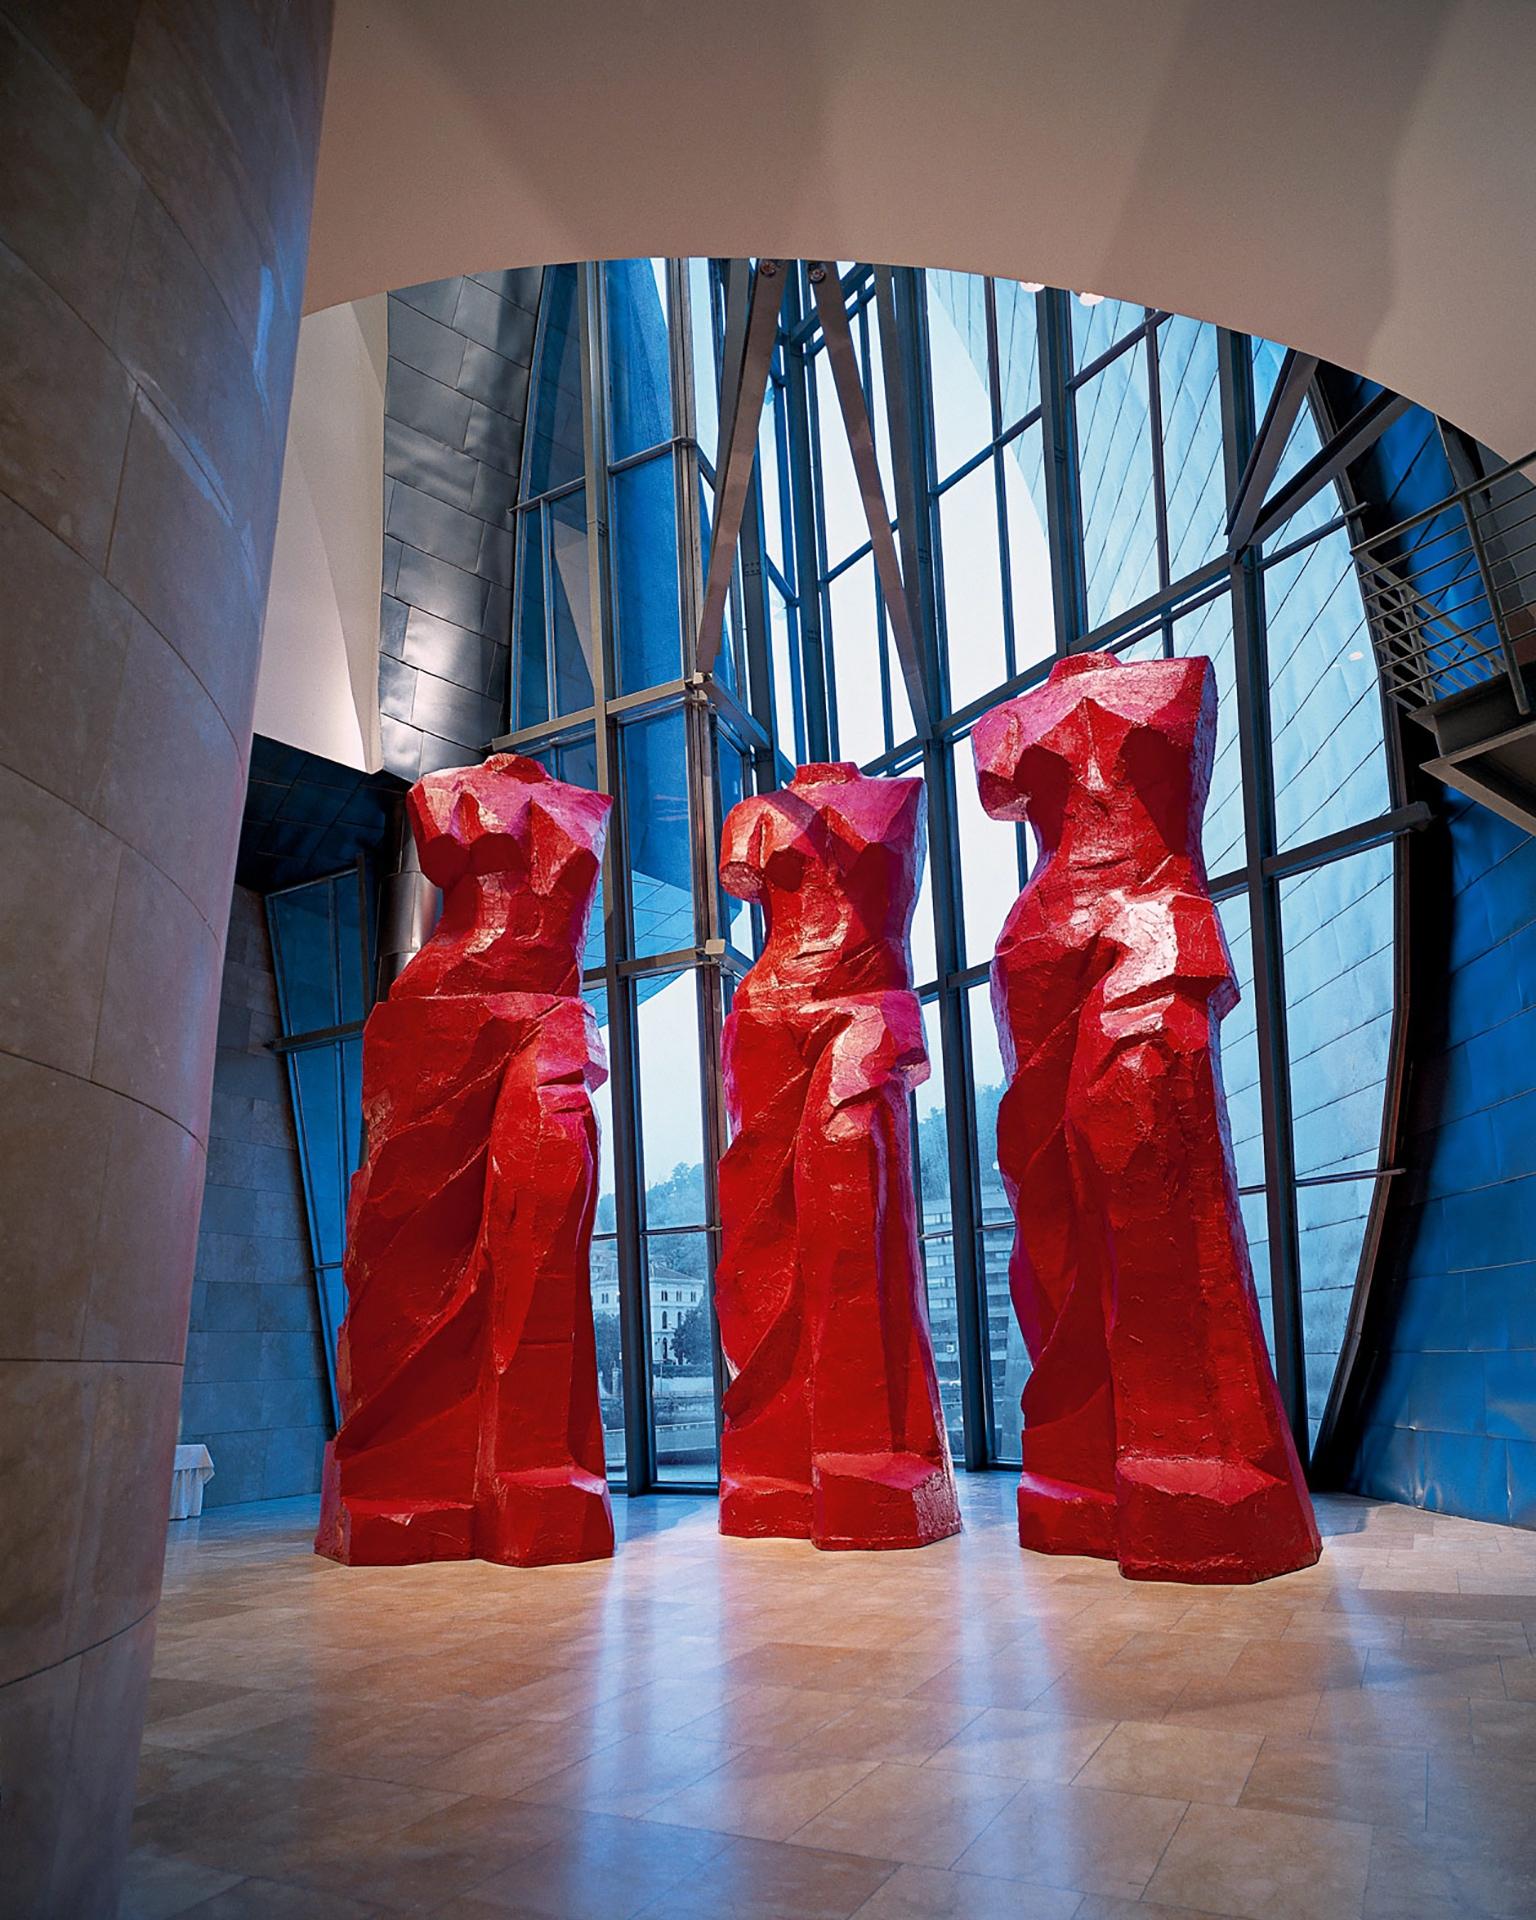 Three Spanish Venuses (1997) by Jim Dine - Pako Campo